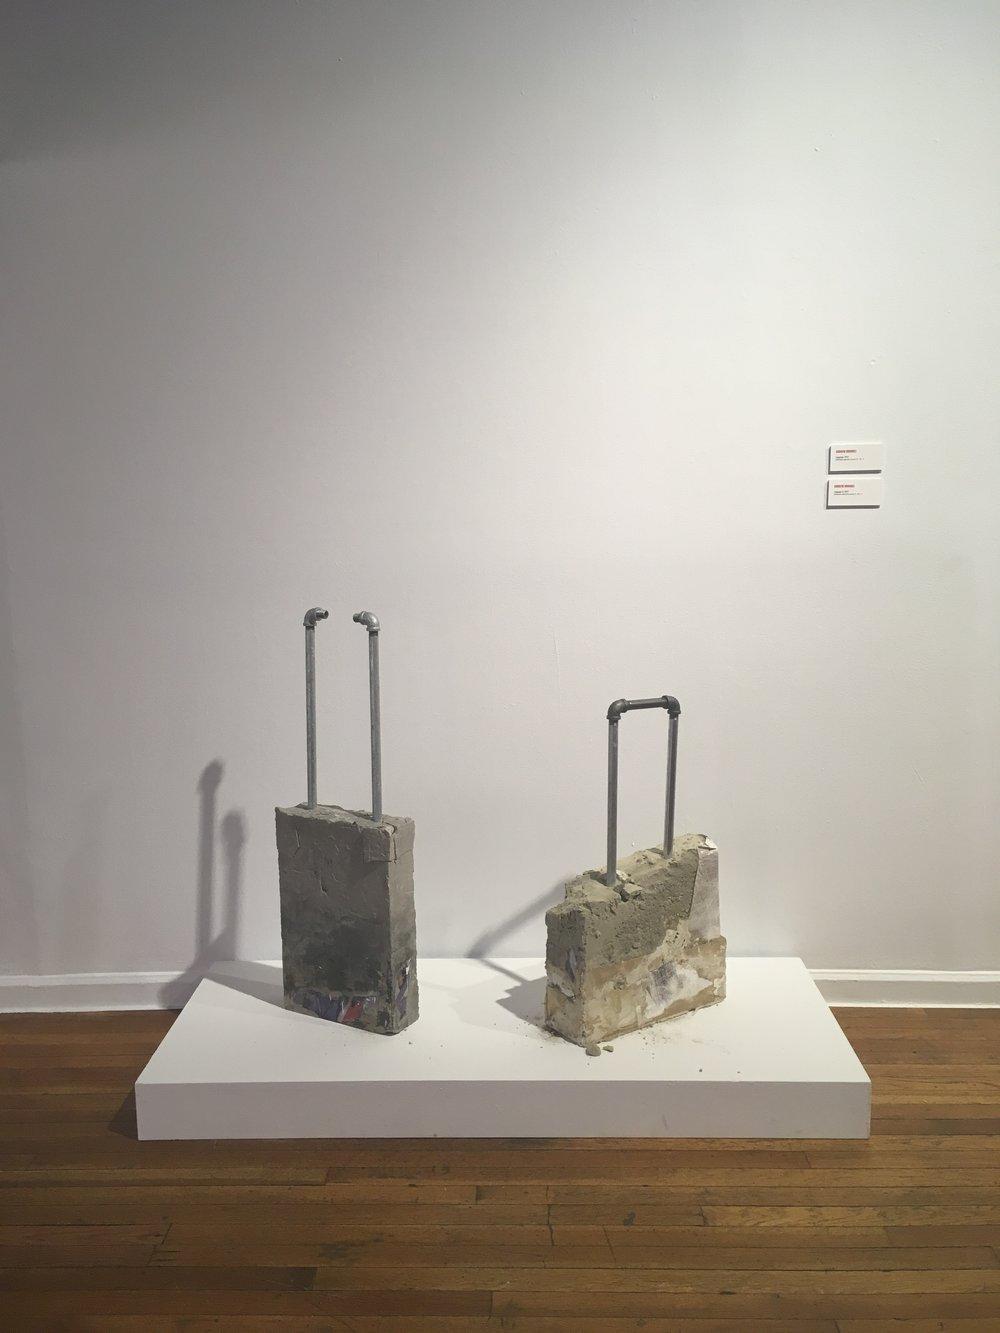 Andrew Ordonez, Luggage  (2017) and  Luggage II  (2017)